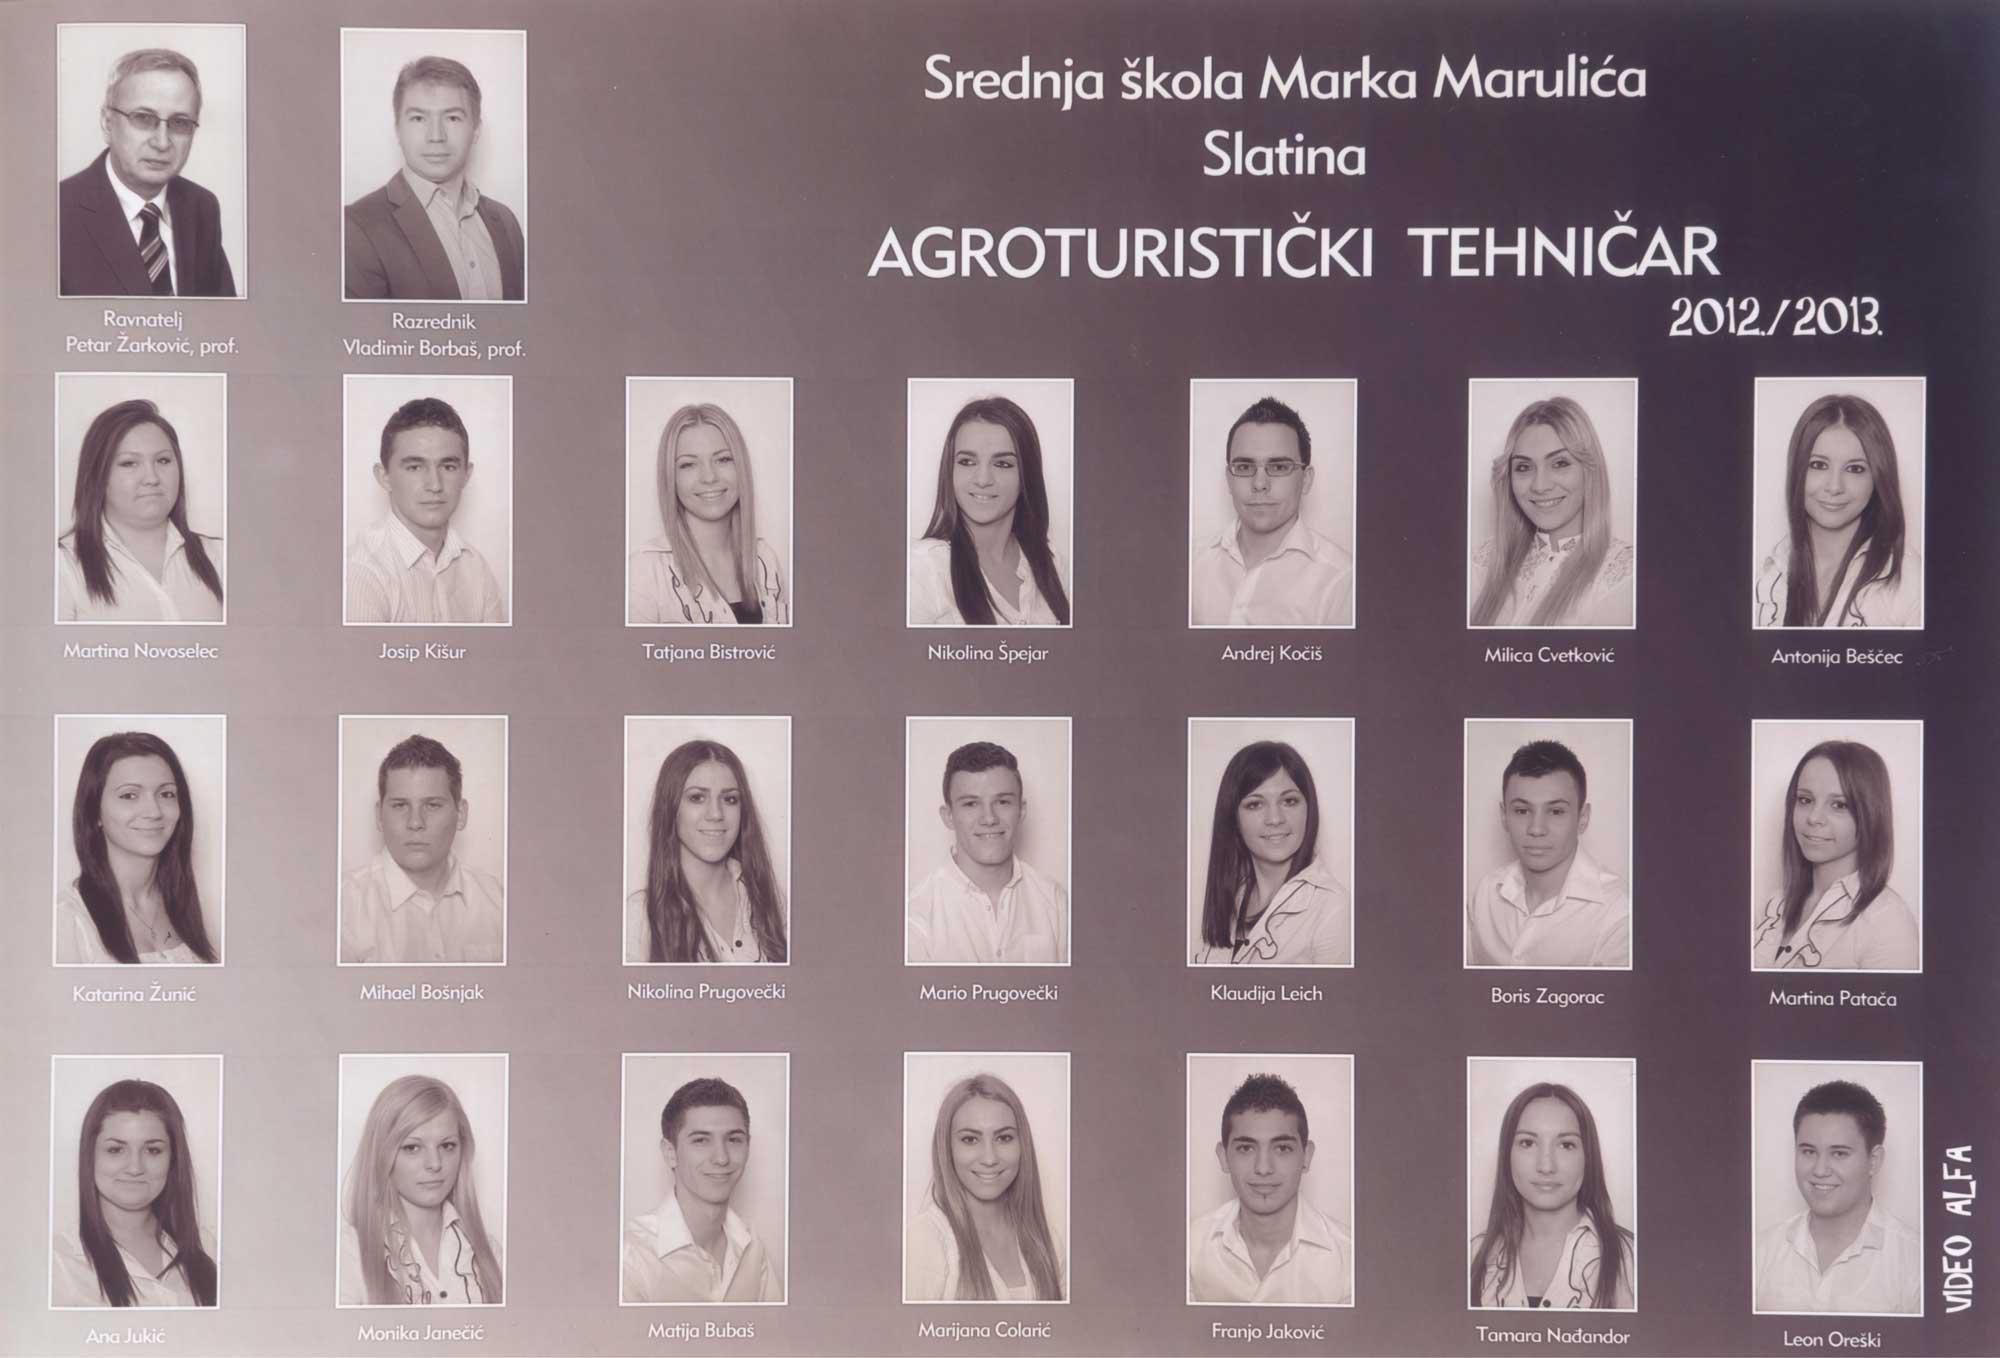 4. agroturistički tehničari